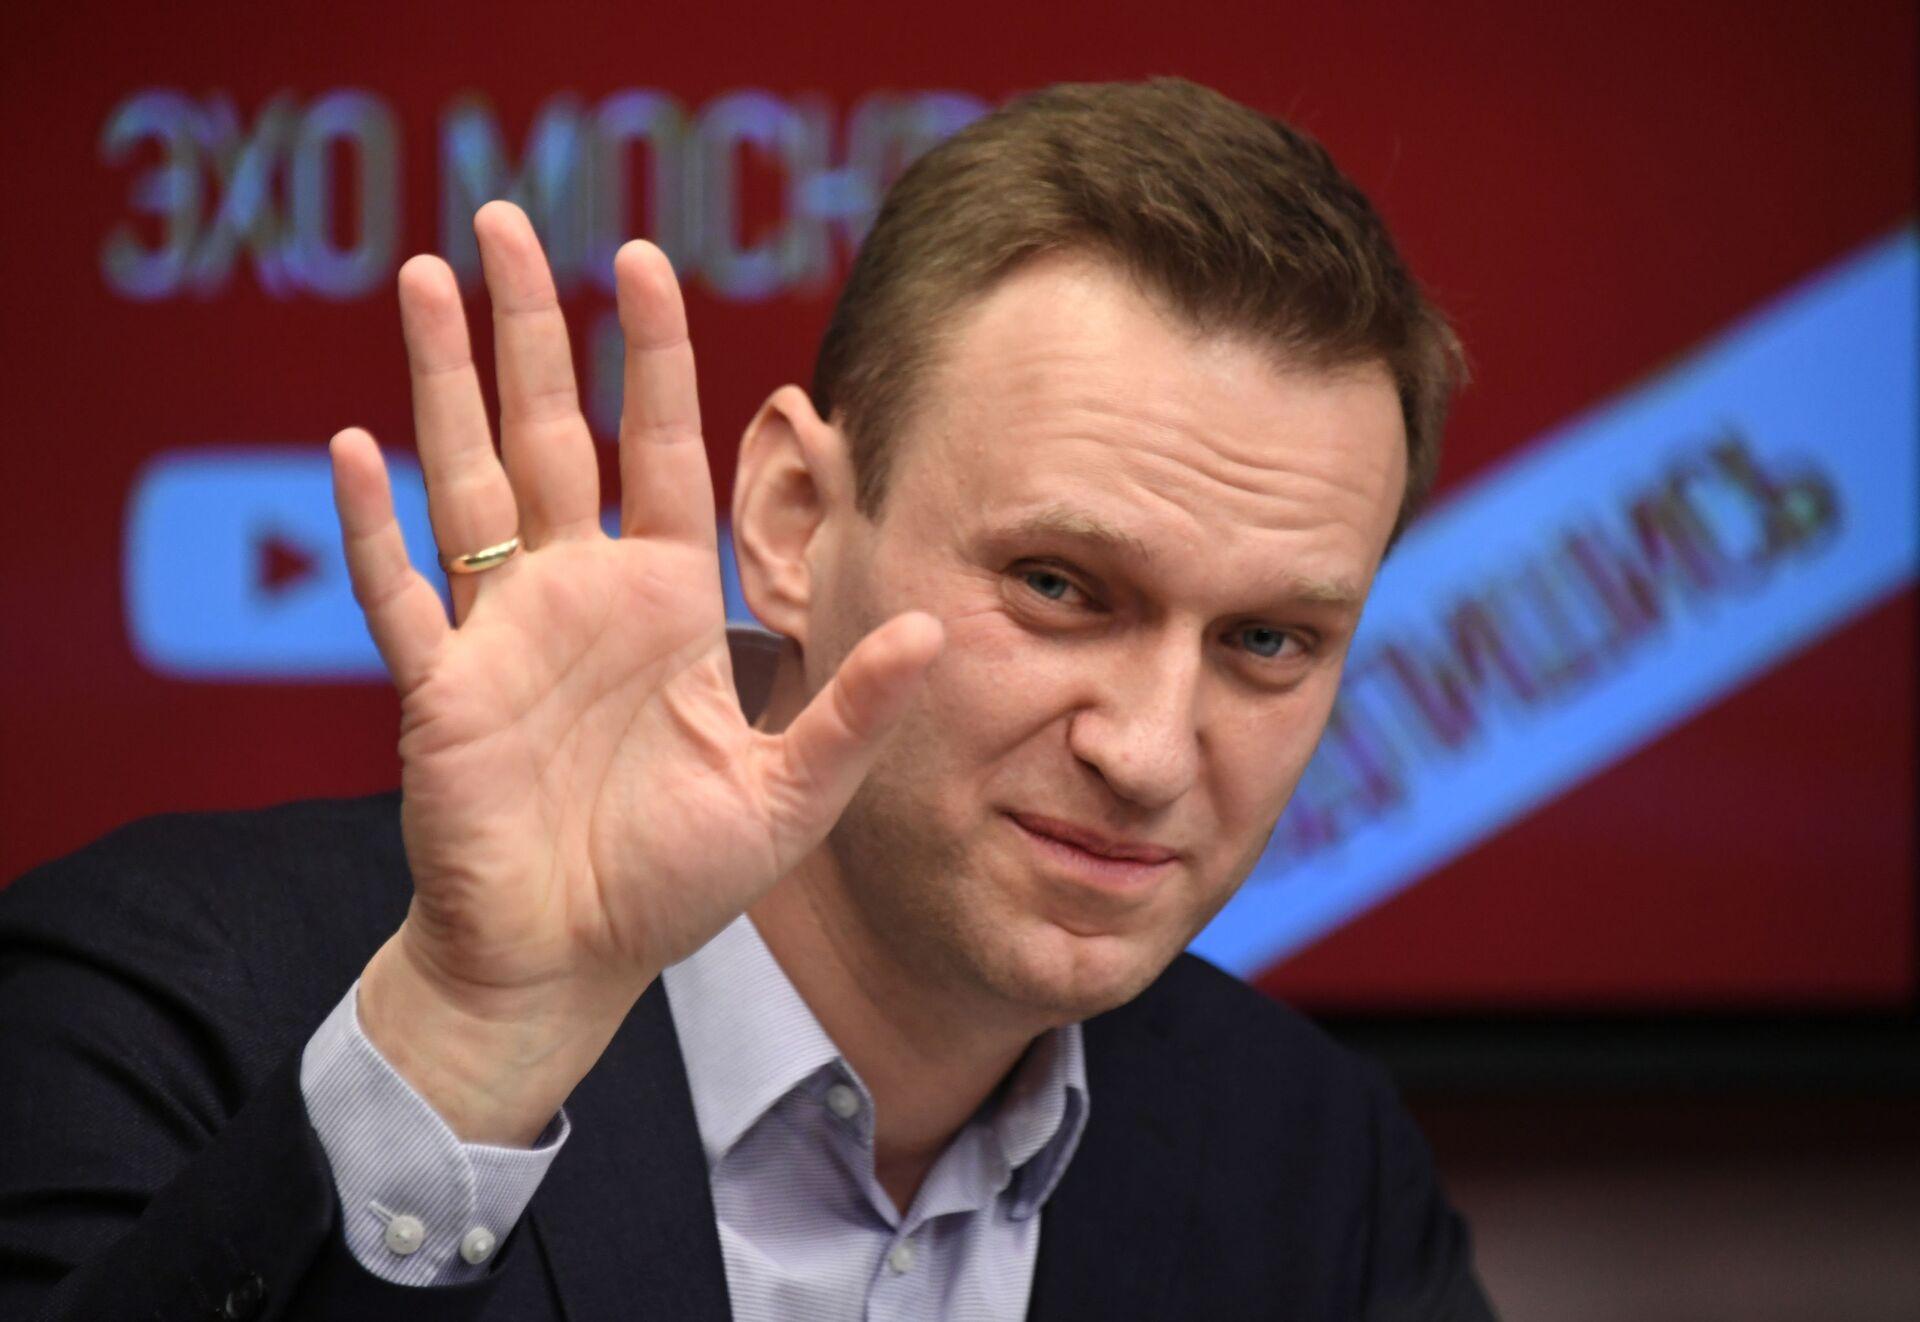 Алексей Навальный - Sputnik Грузия, 1920, 08.09.2021